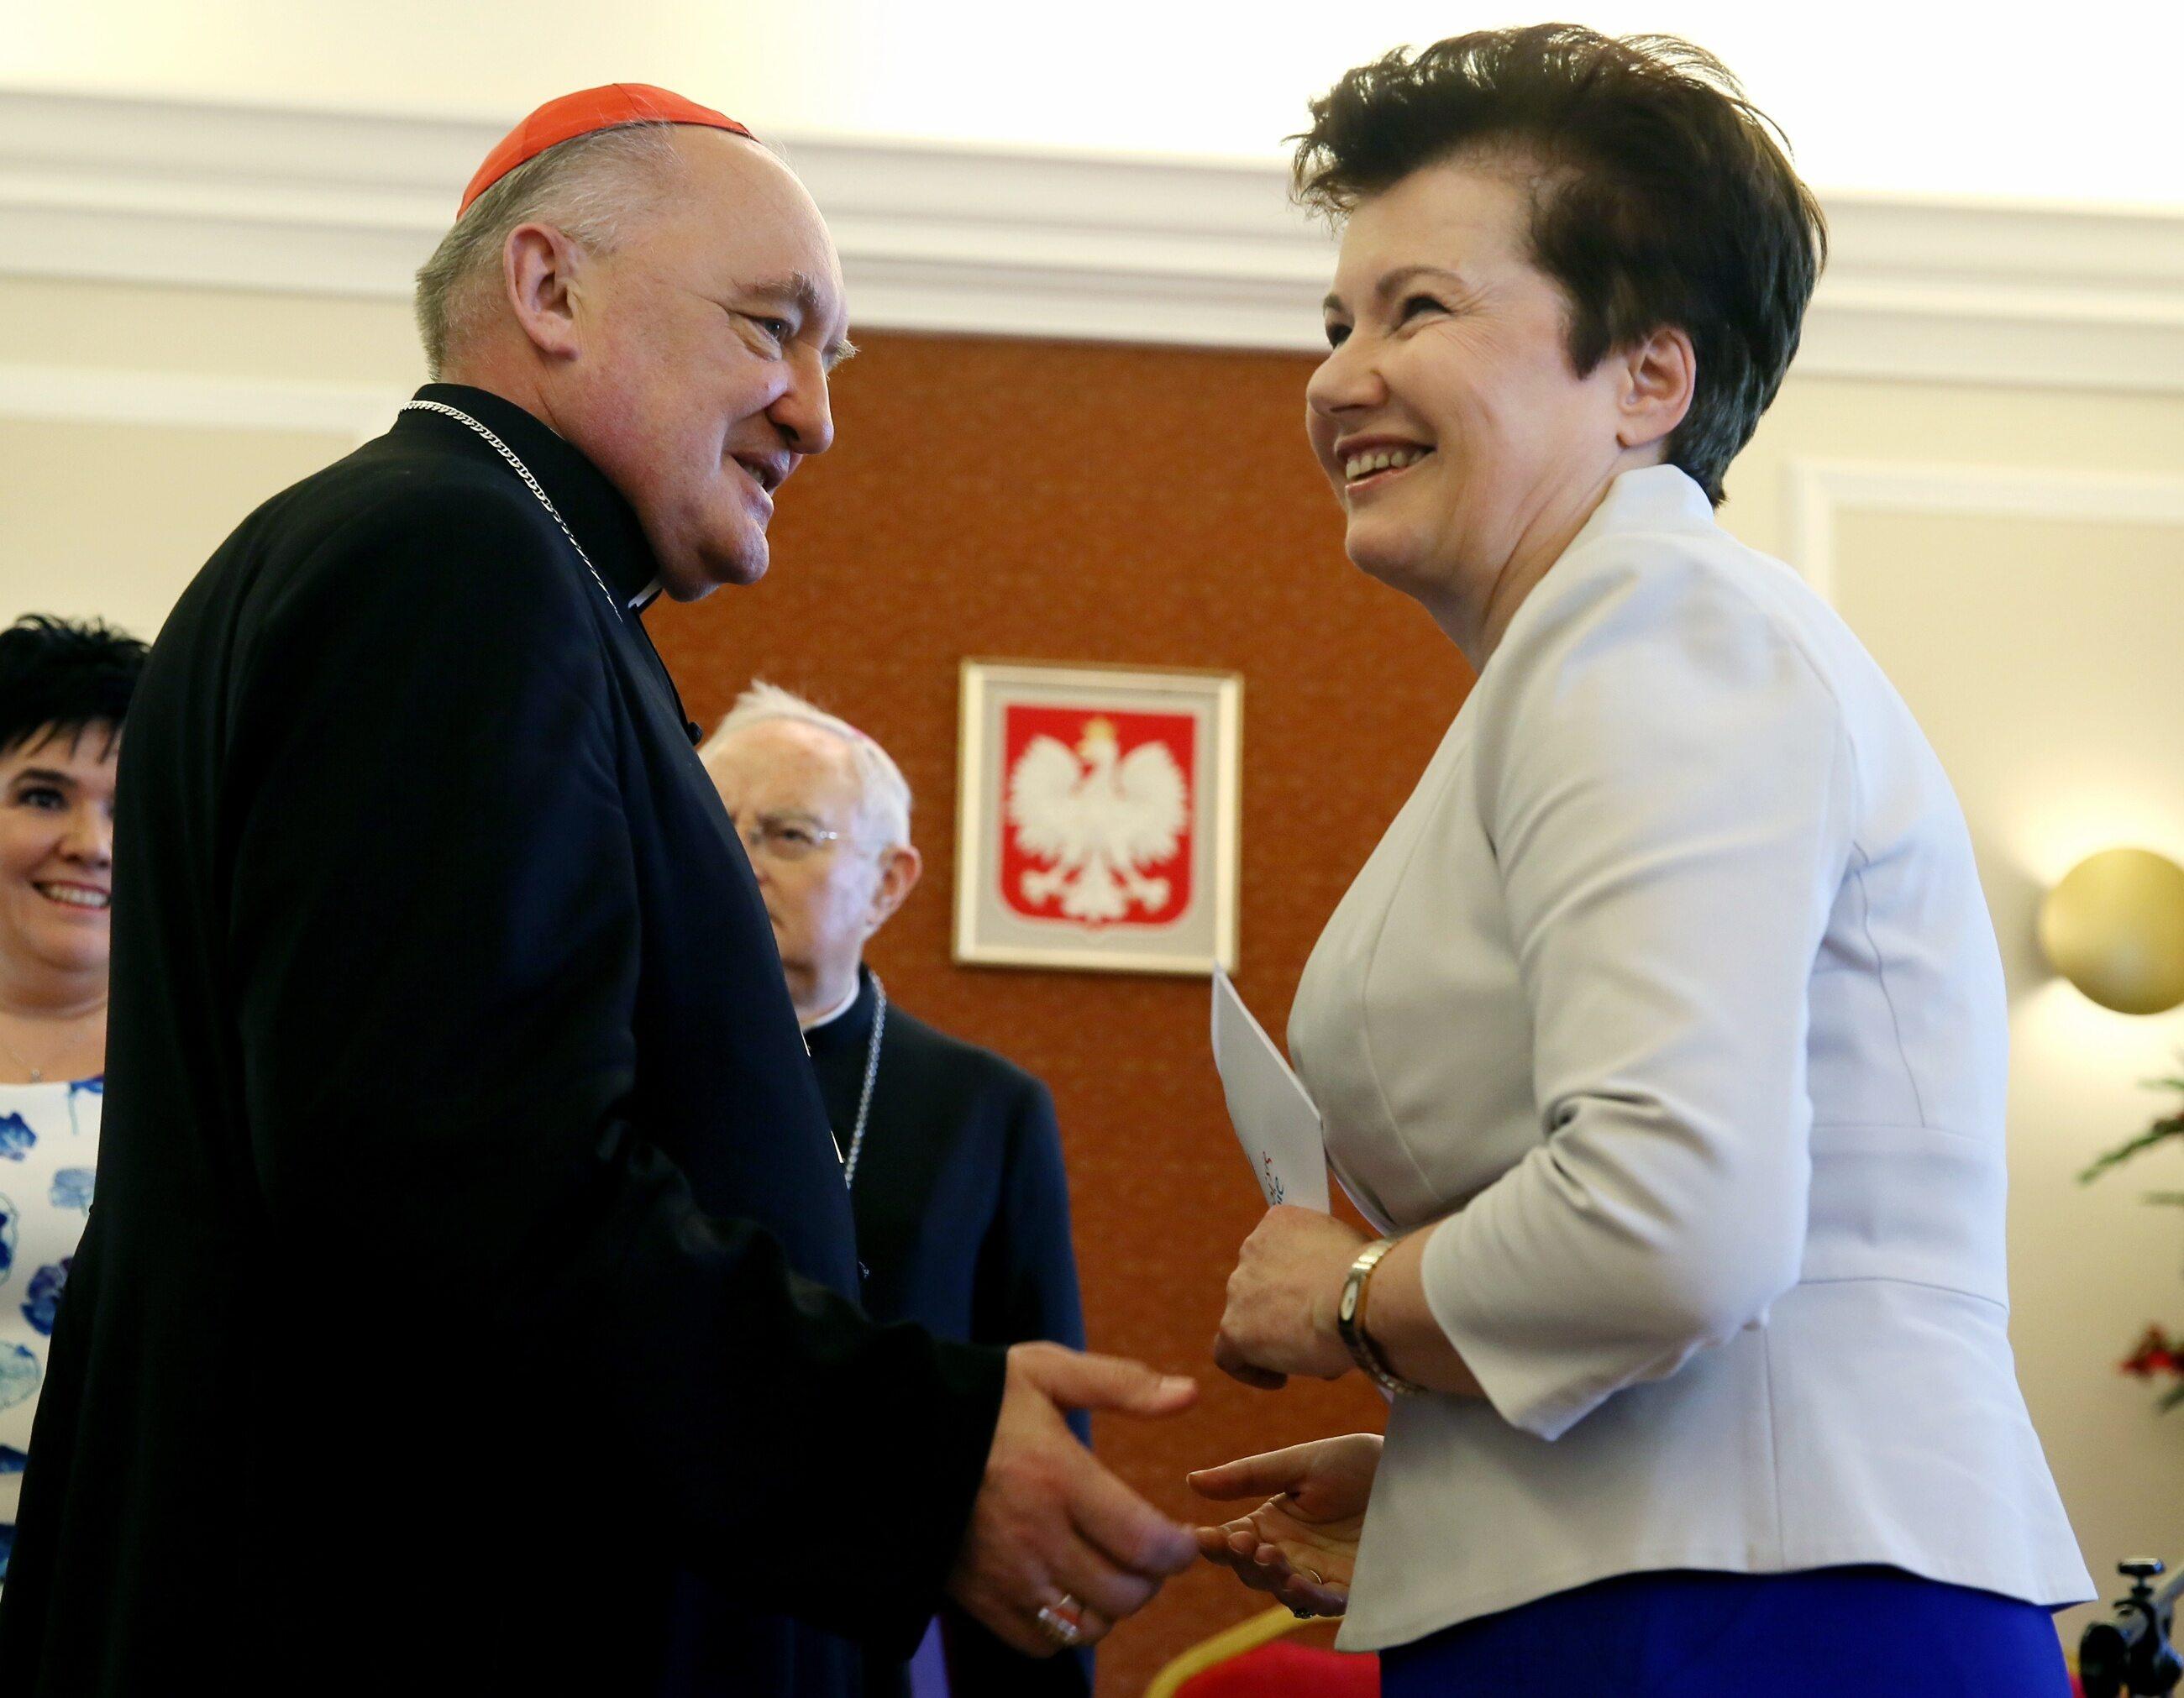 Kard. Kazimierz Nycz, Hanna Gronkiewicz-Waltz